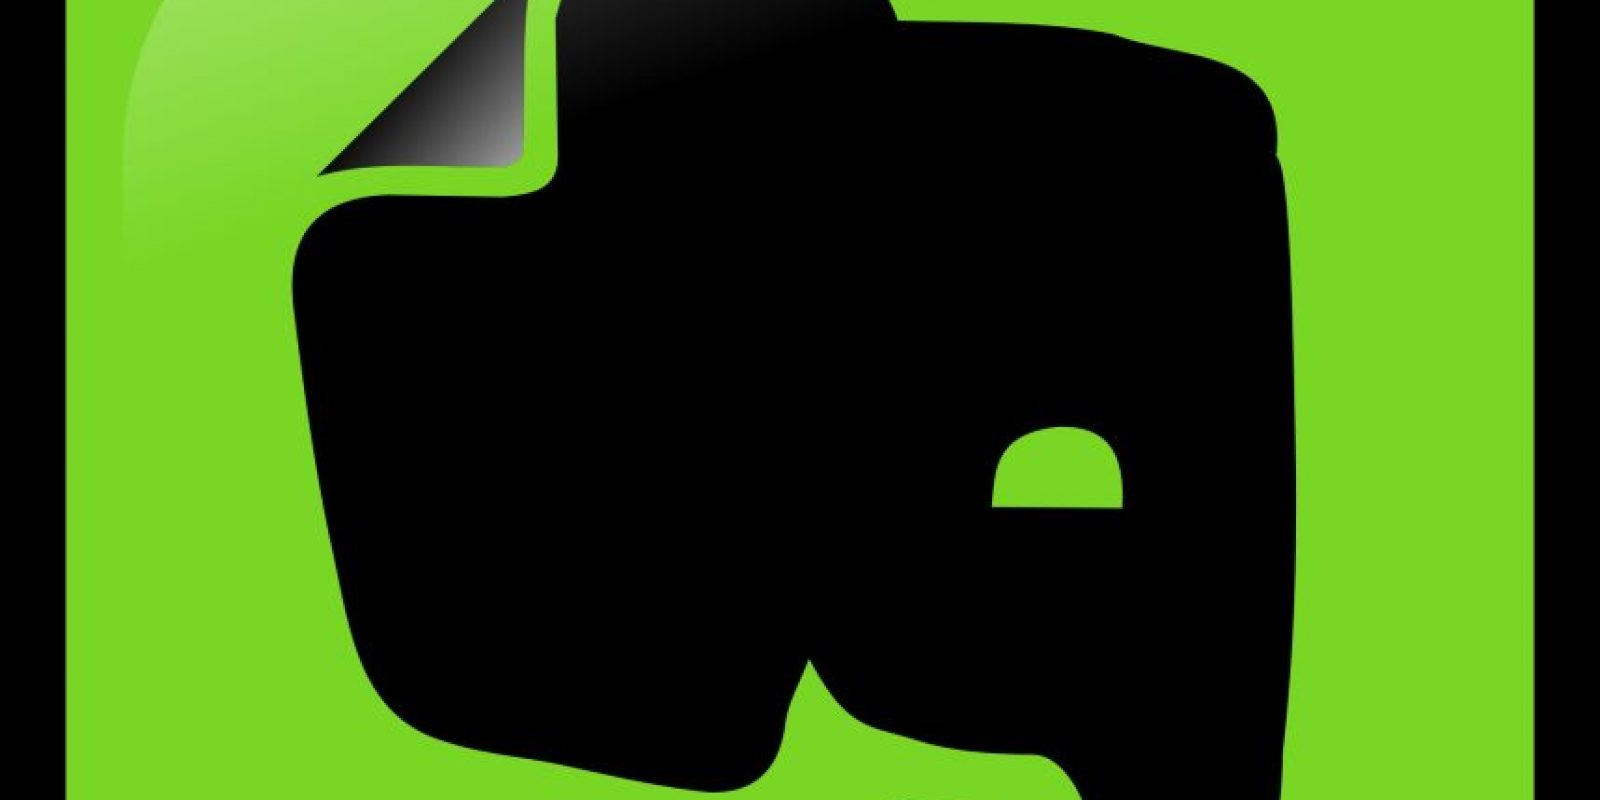 Evernote. Con la promesa de cambiar para mejor la forma en que organizas tu trabajo, Evernote es una favorita para administrar agendas y proyectos. La herramienta te permite tomar todo tipo de notas (audio, fotos, texto, links), las cuales puedes sincronizar a través de todos tus dispositivos. Además puedes crear etiquetas para organizar todo lo que anotas, lo que es un gran plus. Te da acceso a todas tus notas, recordatorios y proyectos al mismo tiempo, y mantiene tus archivos en un solo lugar, bajo un mismo nombre. Puedes también compartir tareas o colaborar en proyectos en tiempo real con otros usuarios sin tener que cambiar de aplicación. Y como te permite sincronizar todos tus dispositivos digitales sin importar el sistema operativo que posean, los recordatorios llegarán siempre sin importar en qué dispositivo te encuentres trabajando y puedes empezar a trabajar en uno y continúa en otro sin perder el ritmo. Mejor, imposible. Foto:Fuente Externa